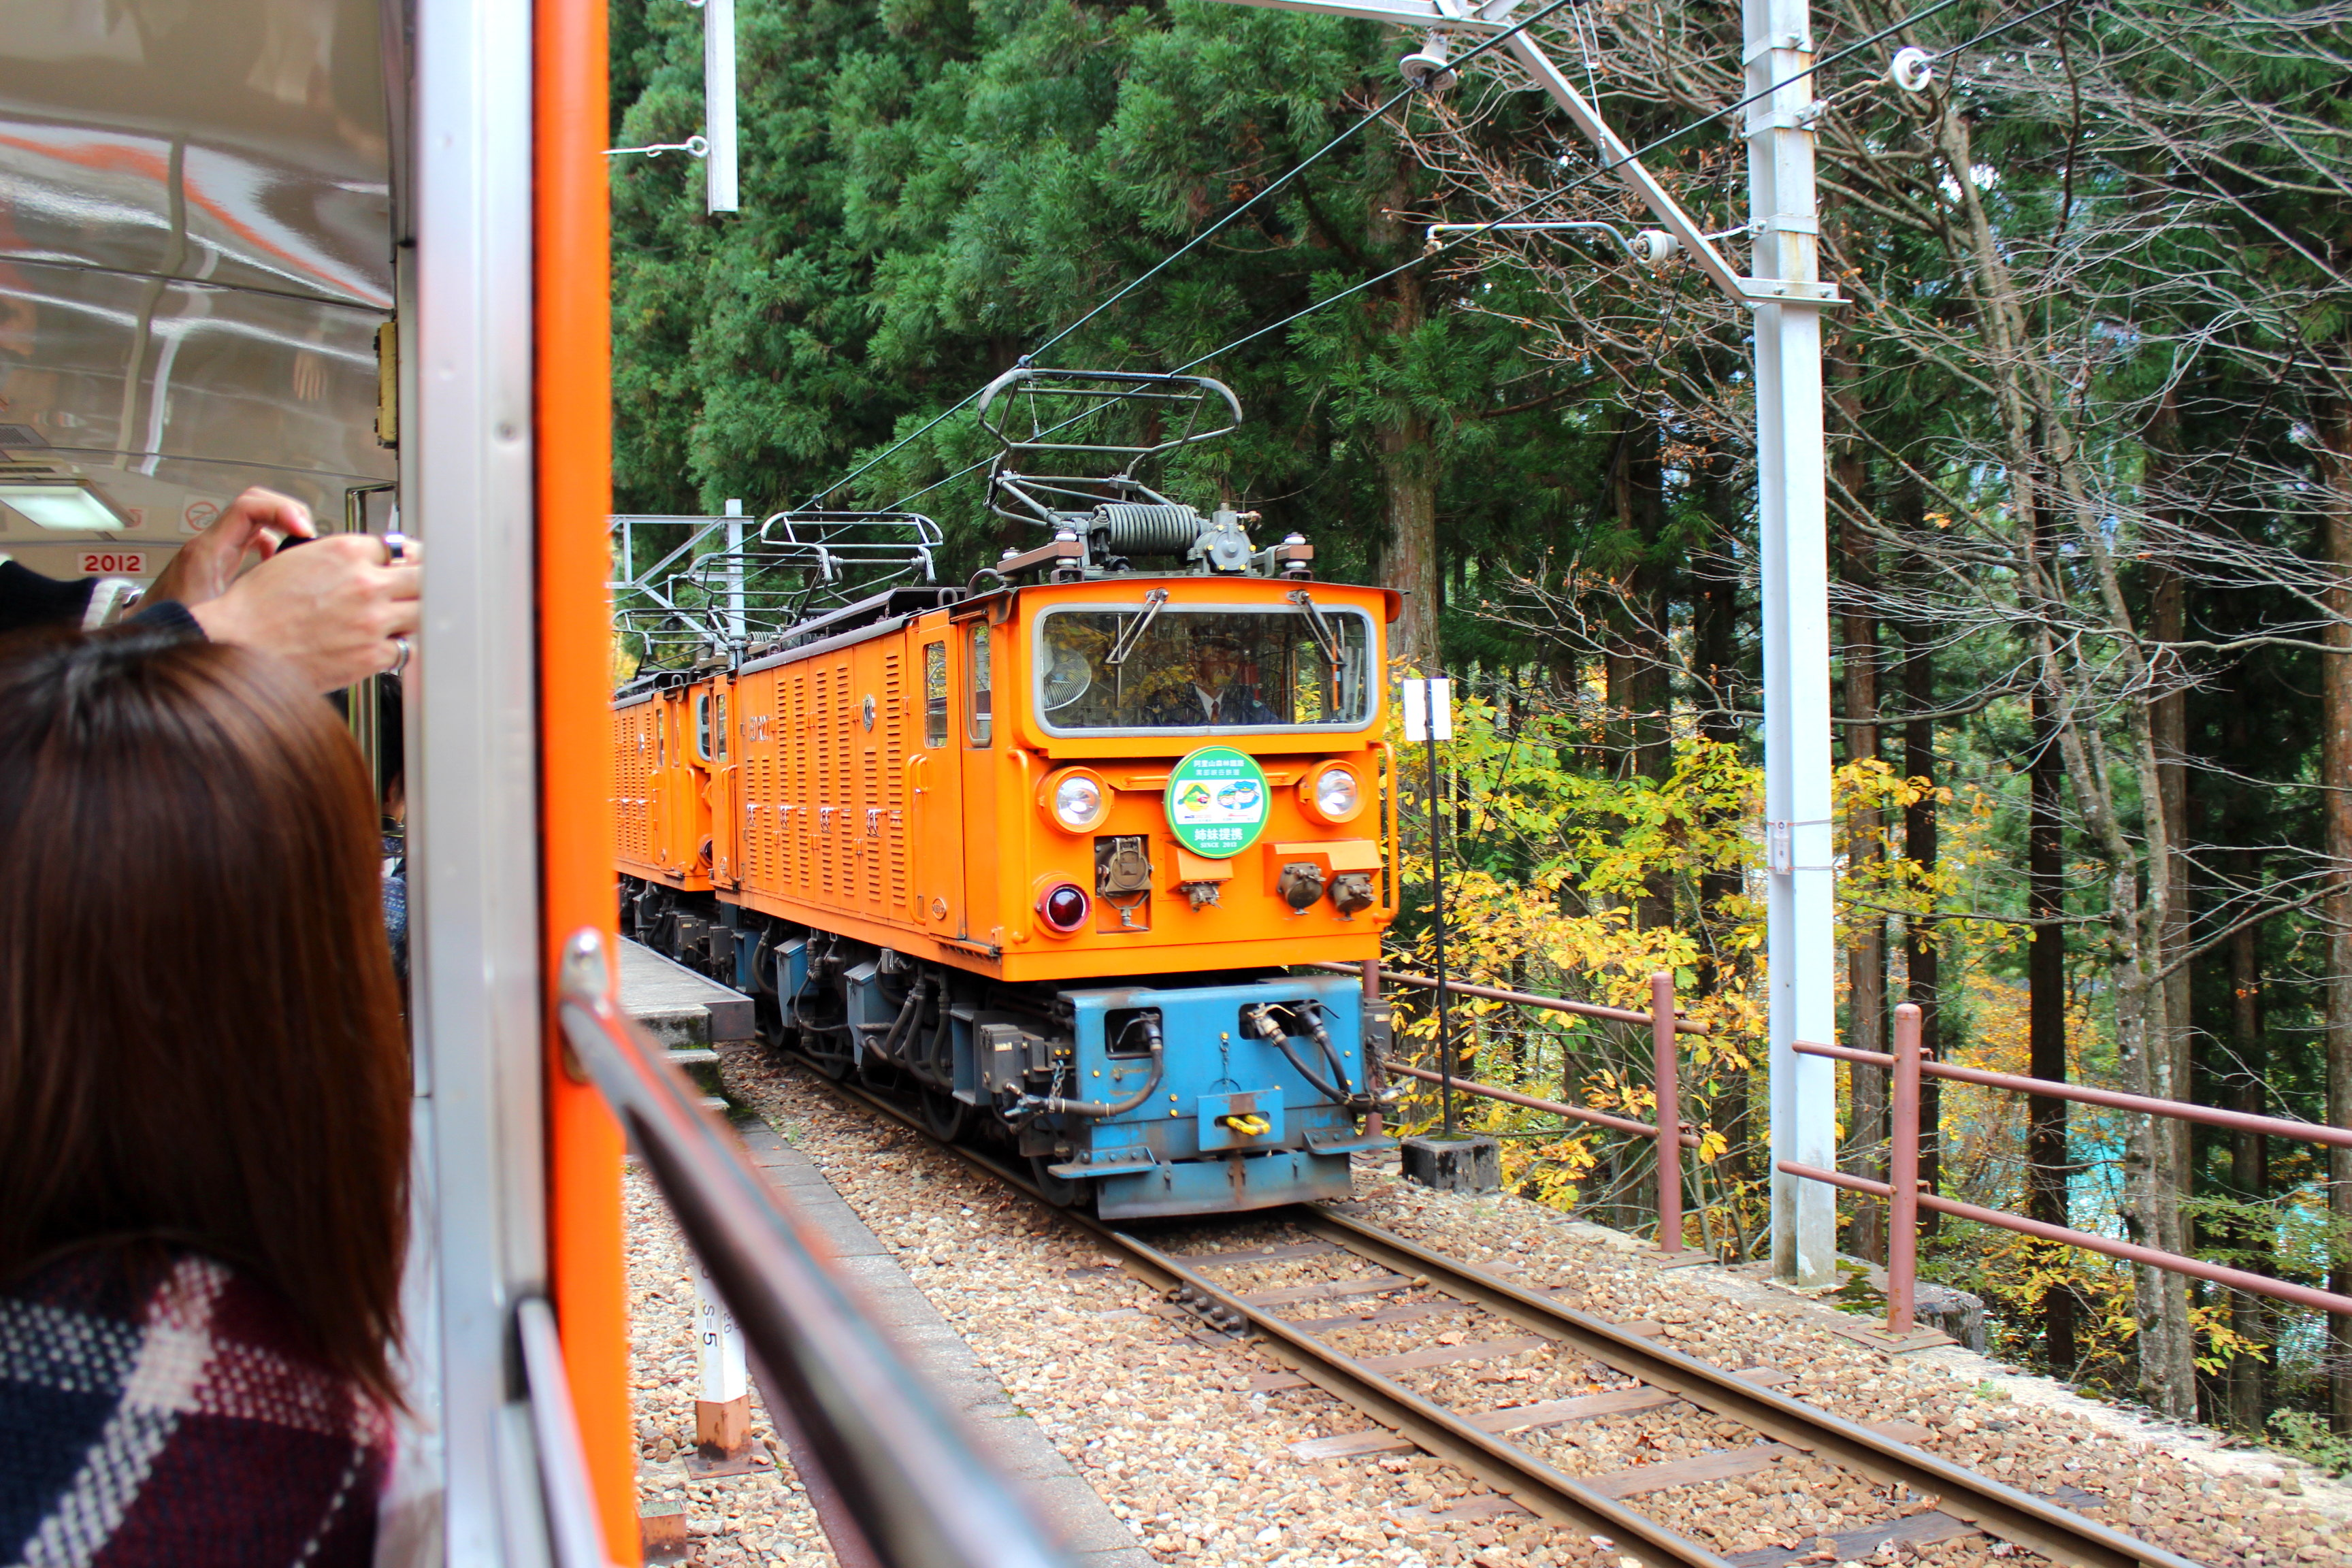 【黒部峡谷鉄道2019】トロッコ電車で絶景の紅葉を見に行ってきた